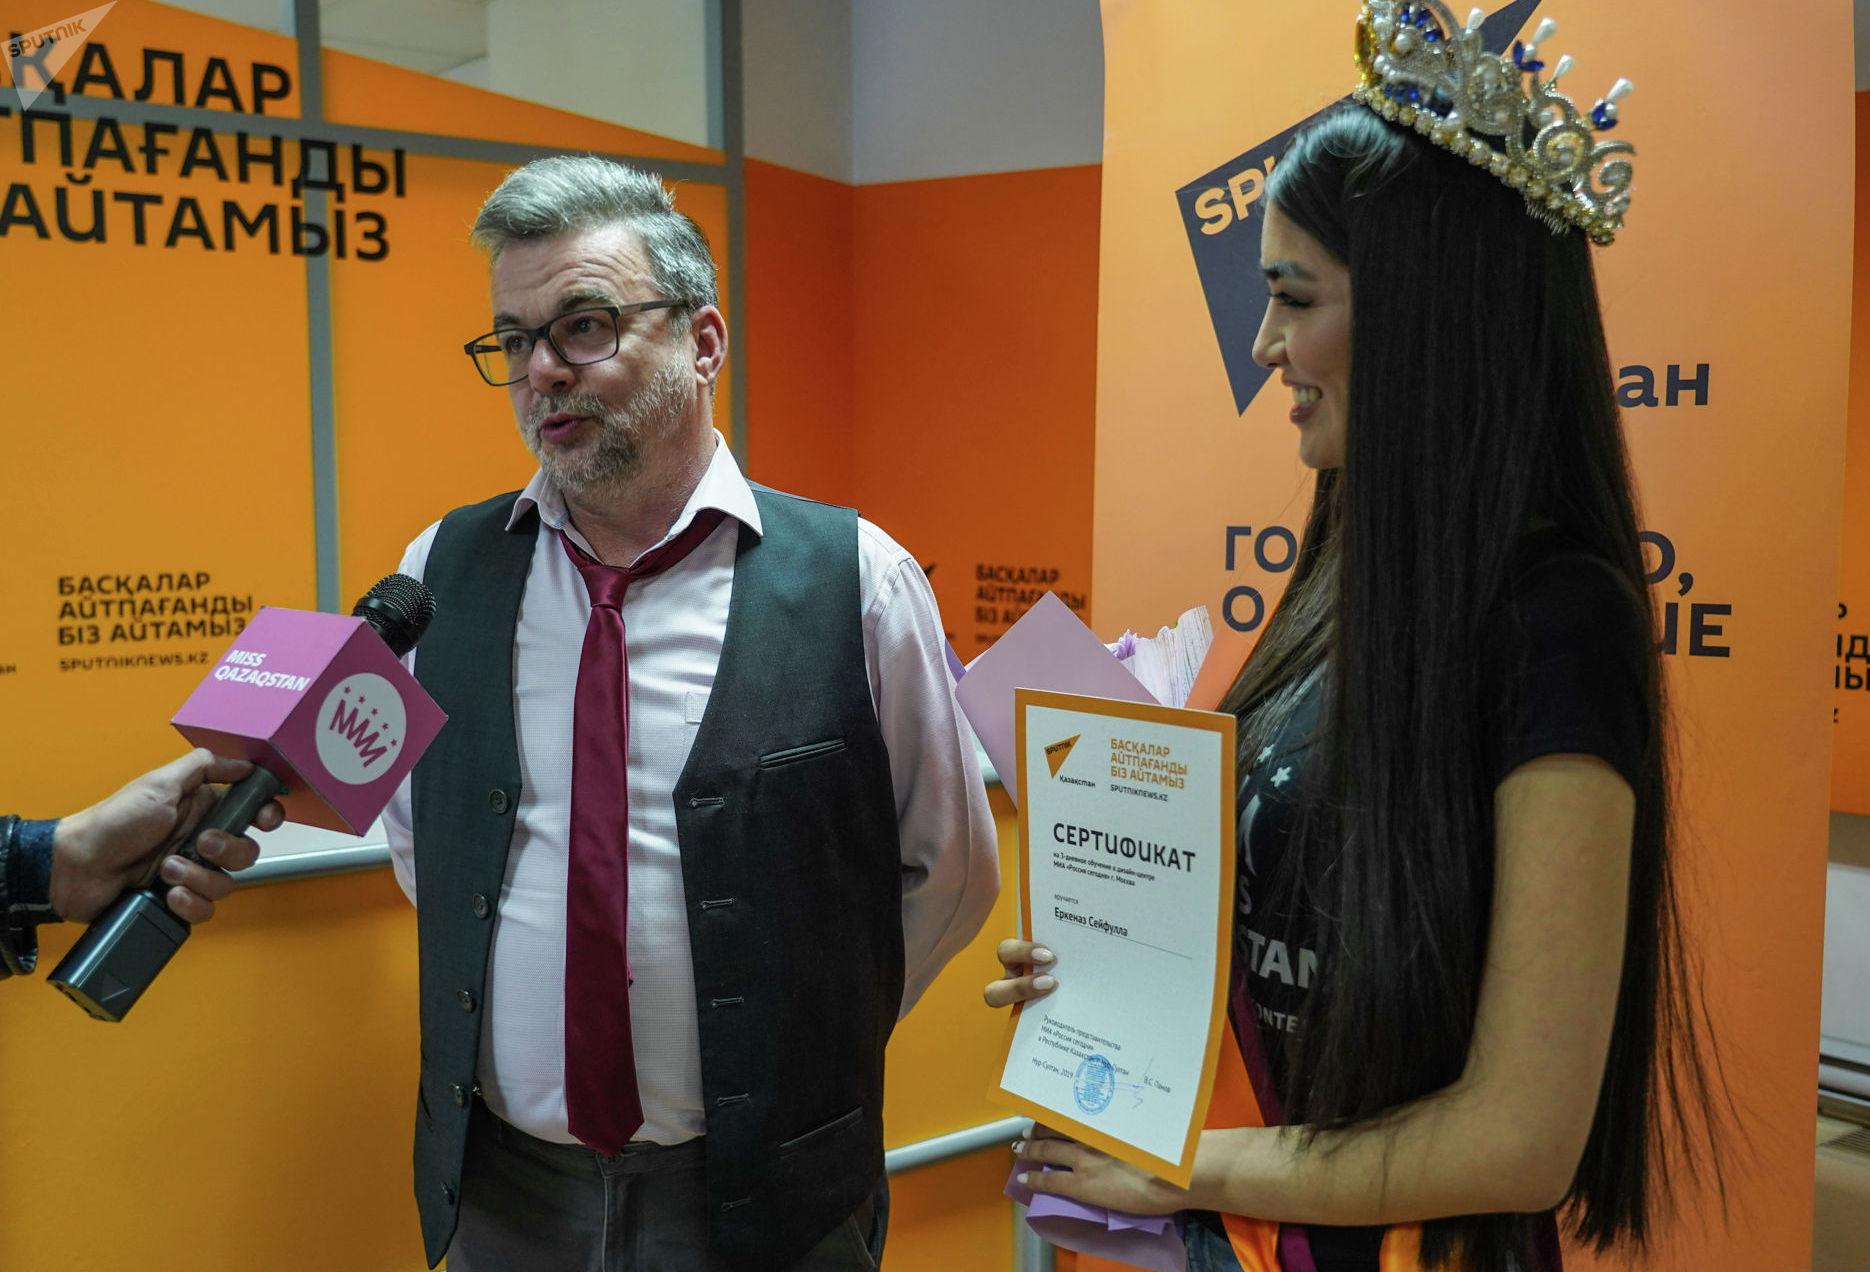 Руководитель представительства МИА Россия сегодня в Казахстане Виктор Панов  и участница конкурса Мисс Казахстан Еркеназ Сейфулла отвечают на вопросы журналистов